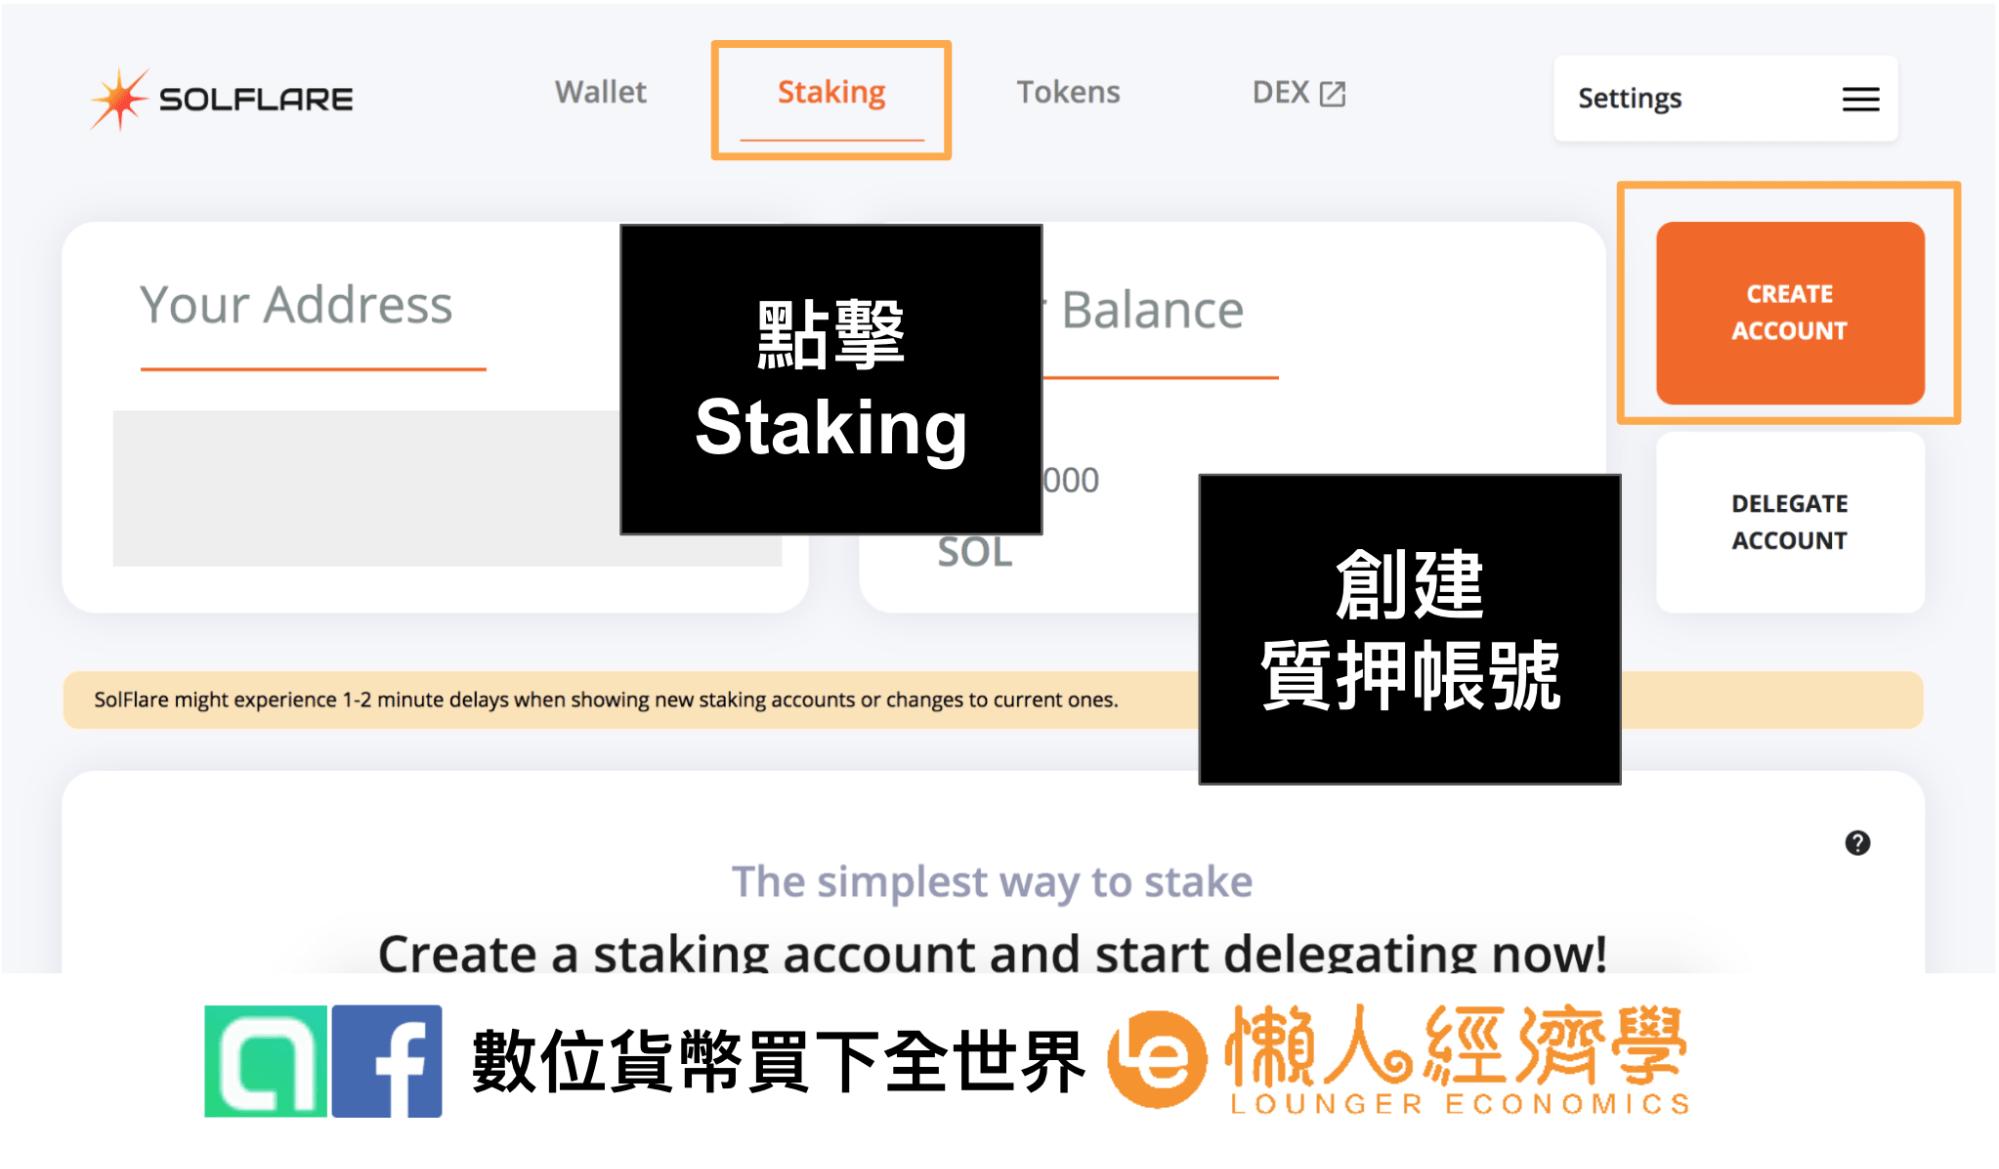 開始Solana質押獲利:STEP.6 創建質押帳號